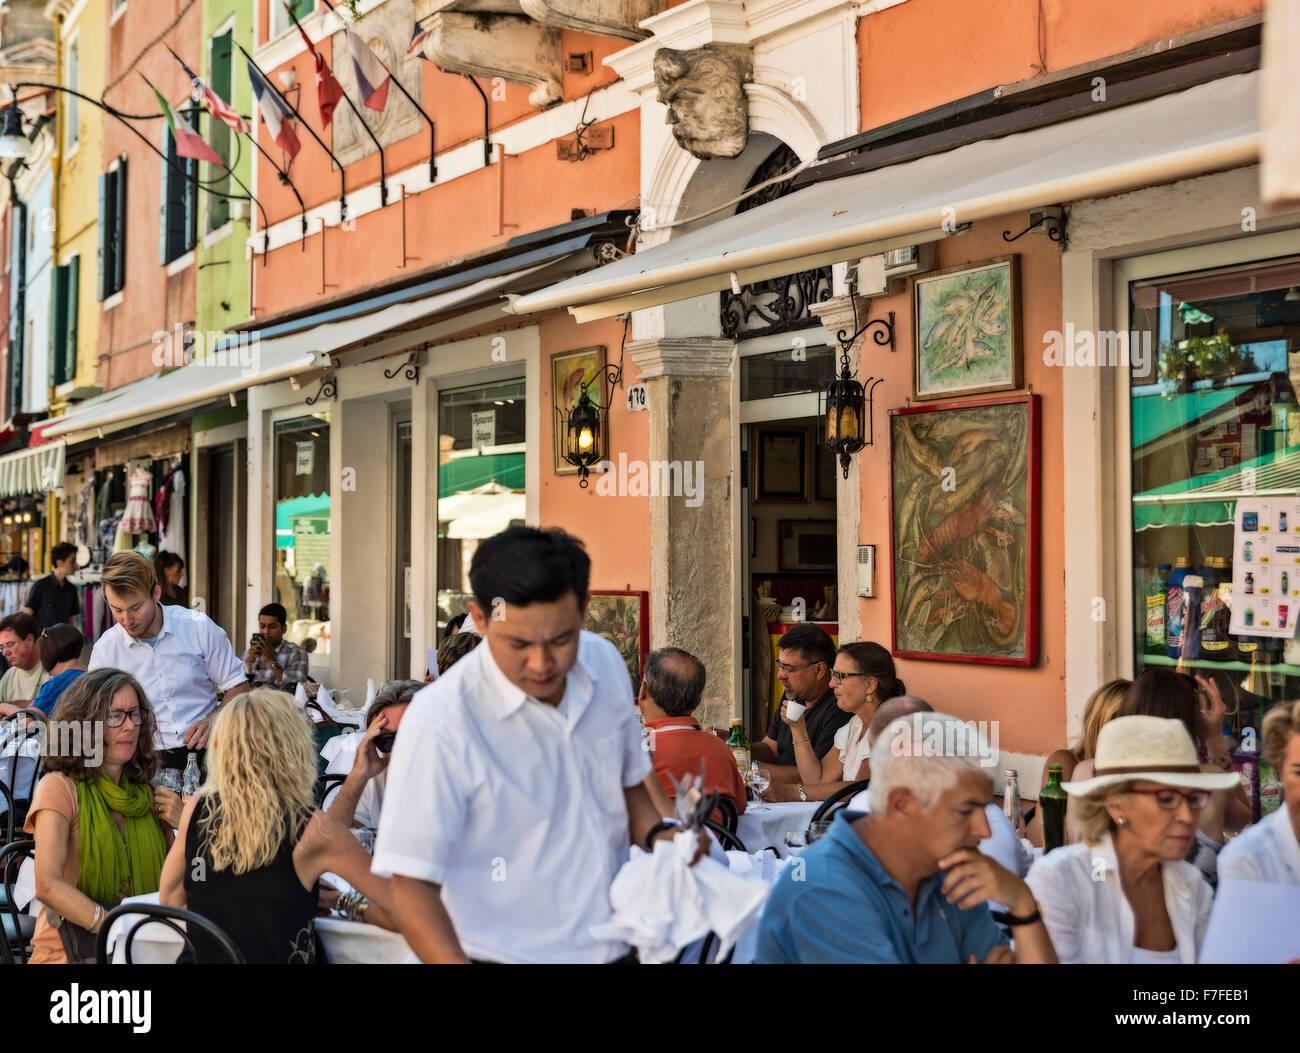 Les clients de la terrasse d'un café restaurant, Burano, Venise, Italie Photo Stock